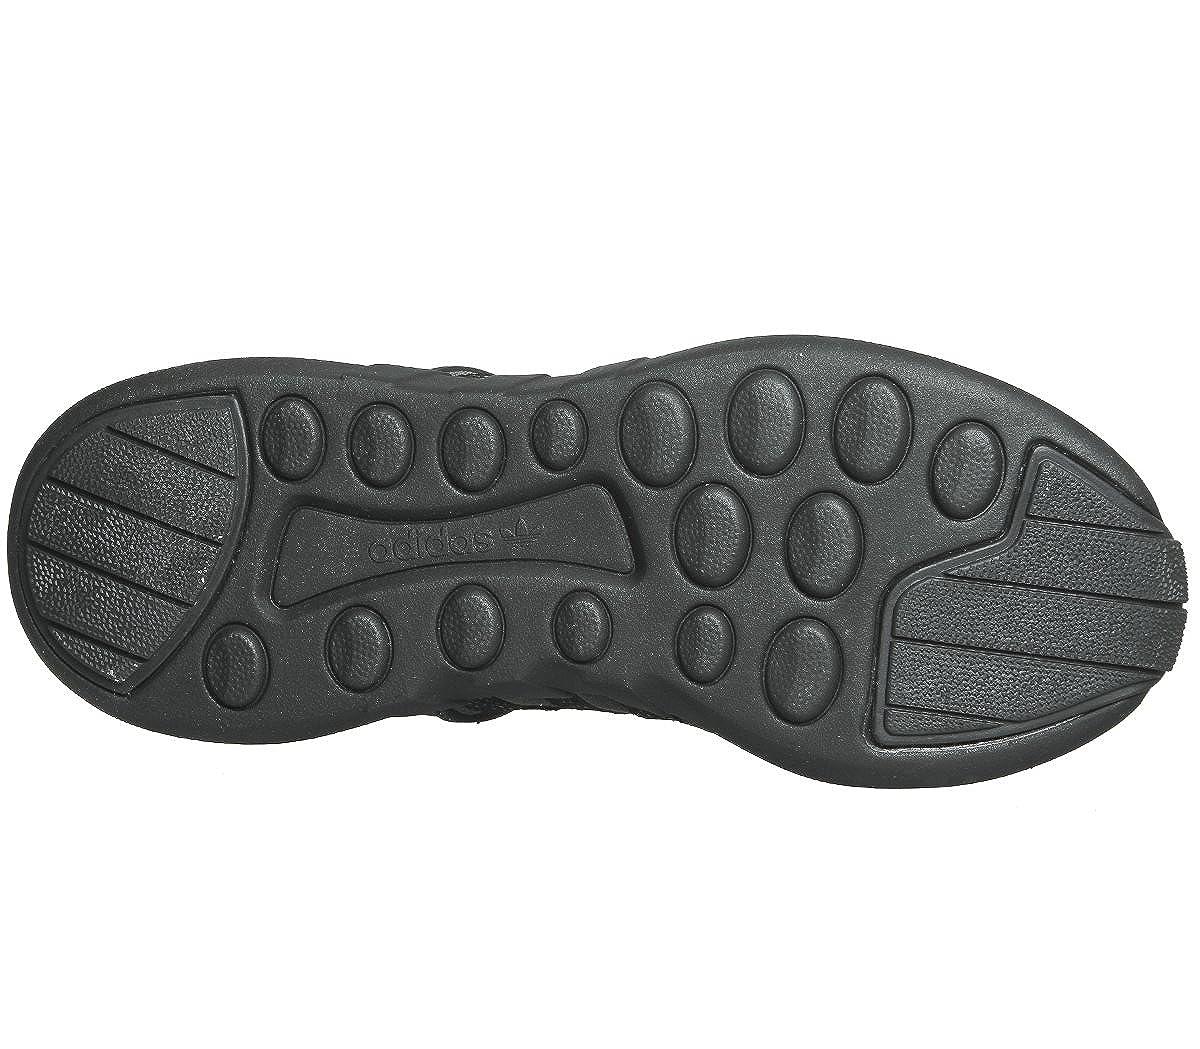 Adidas EQT Support ADV, Scarpe da Ginnastica Ginnastica Ginnastica Unisex – Adulto | A Primo Posto Tra Prodotti Simili  2c3237